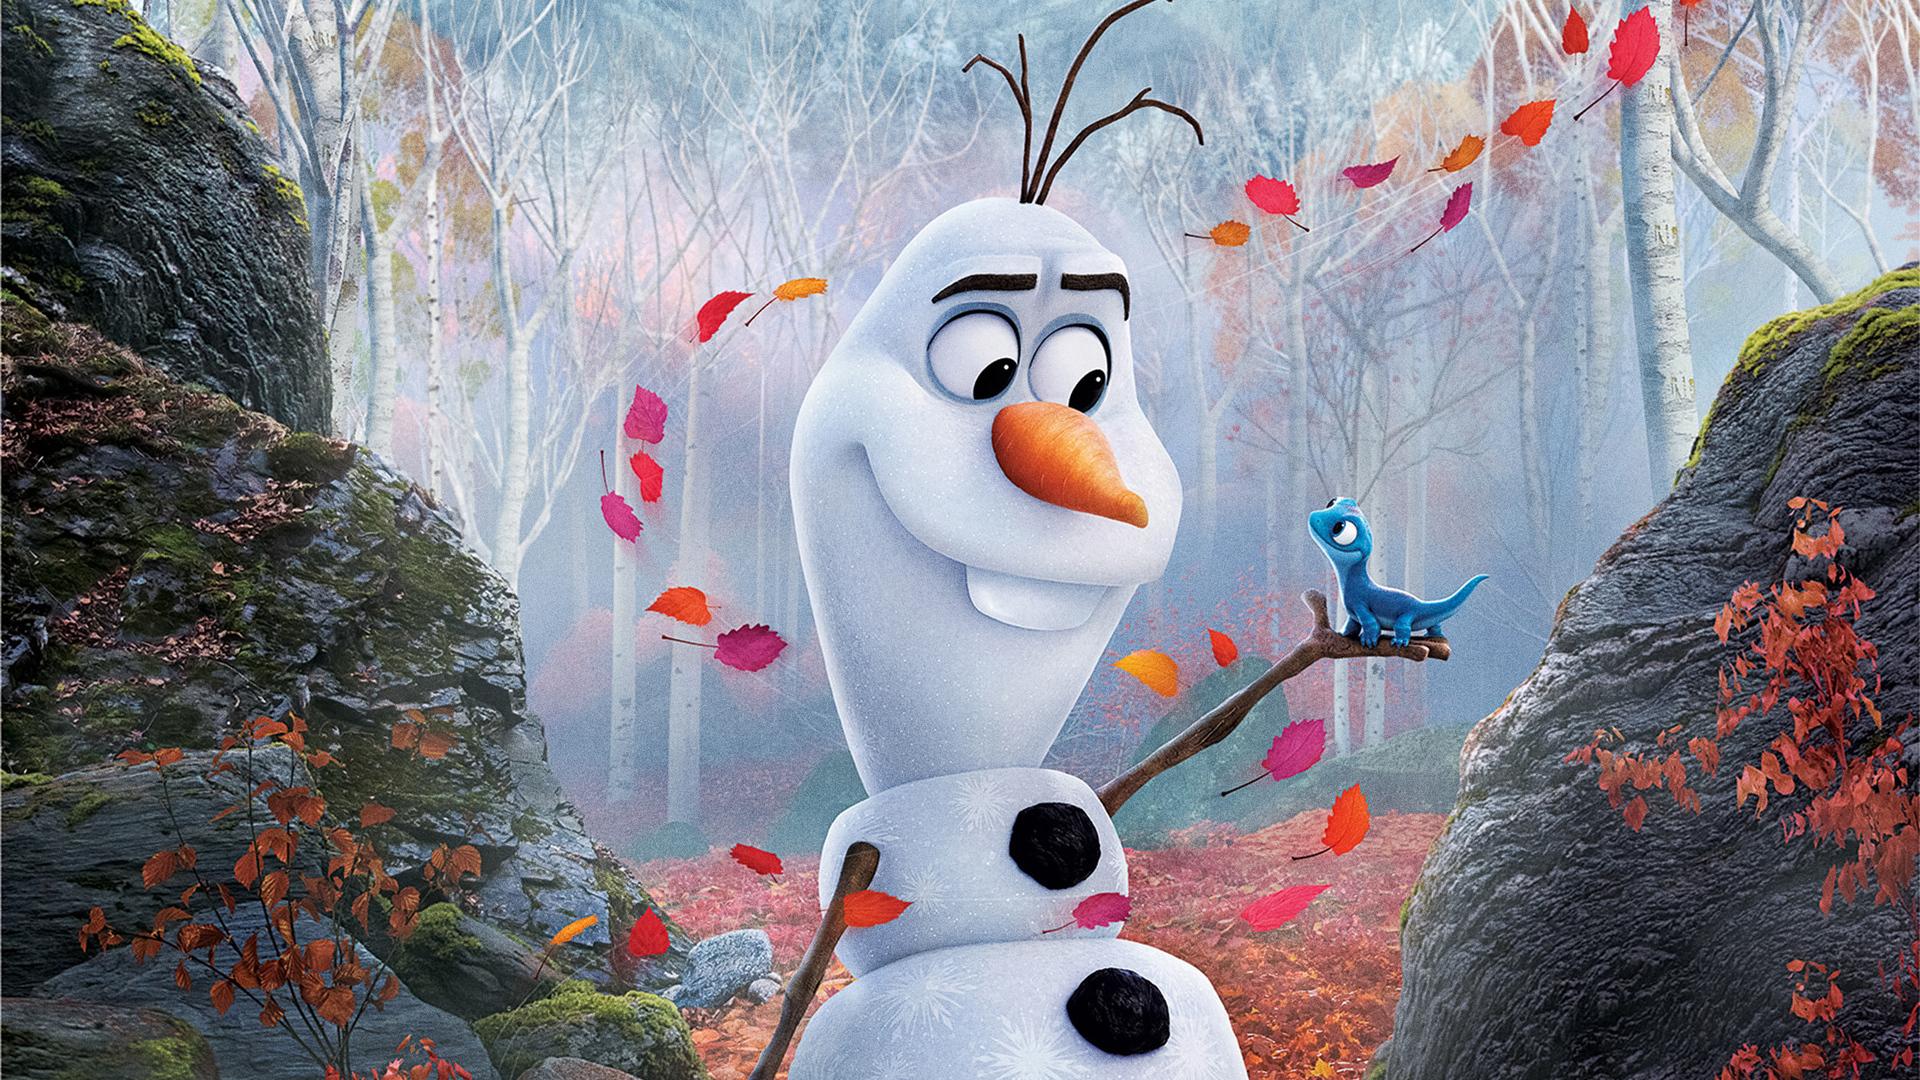 1920x1080 Olaf In Frozen 2 2019 Laptop Full HD 1080P HD 4k ...